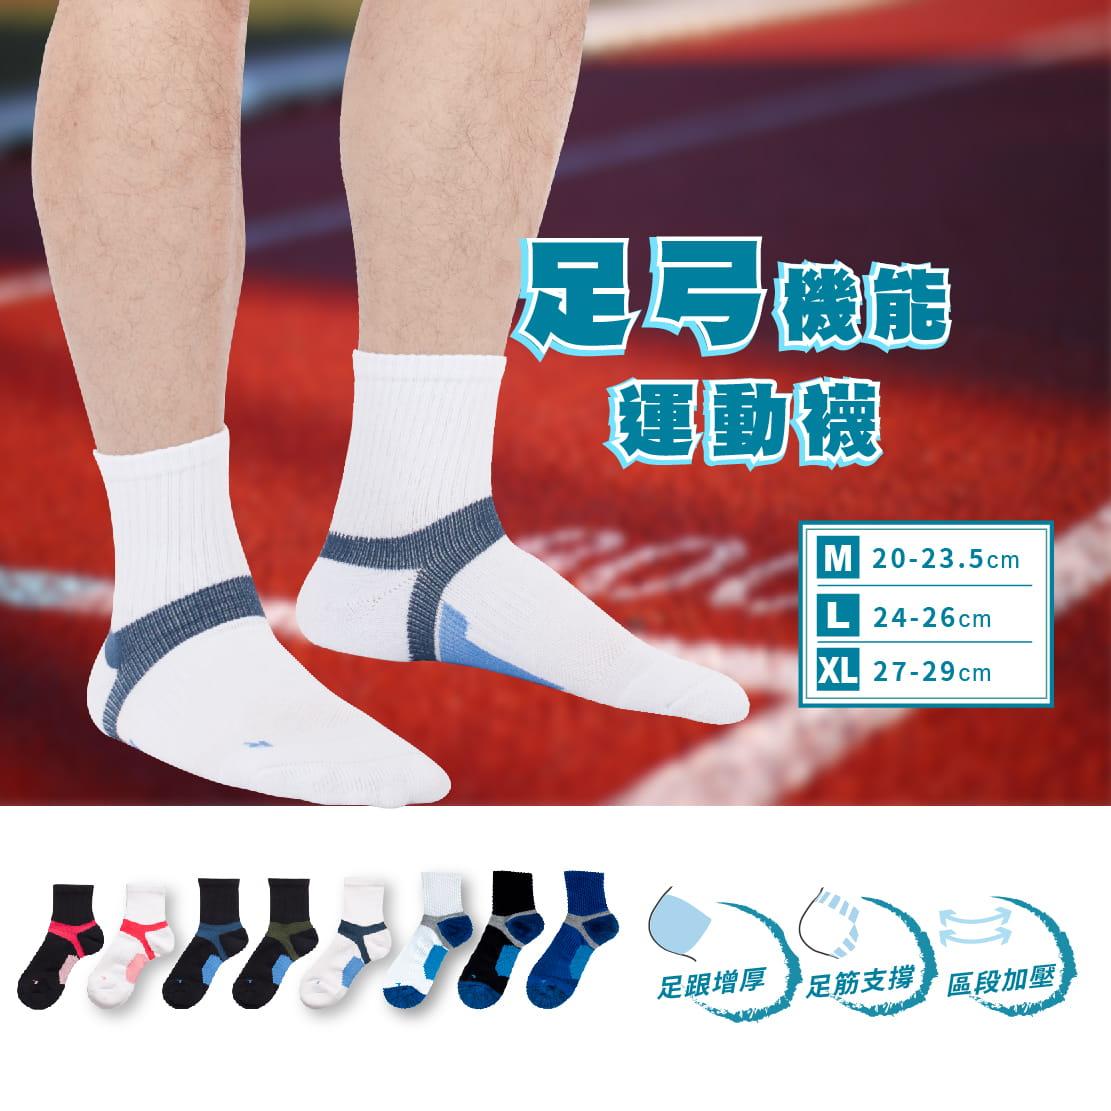 【FAV】足弓機能運動襪 0